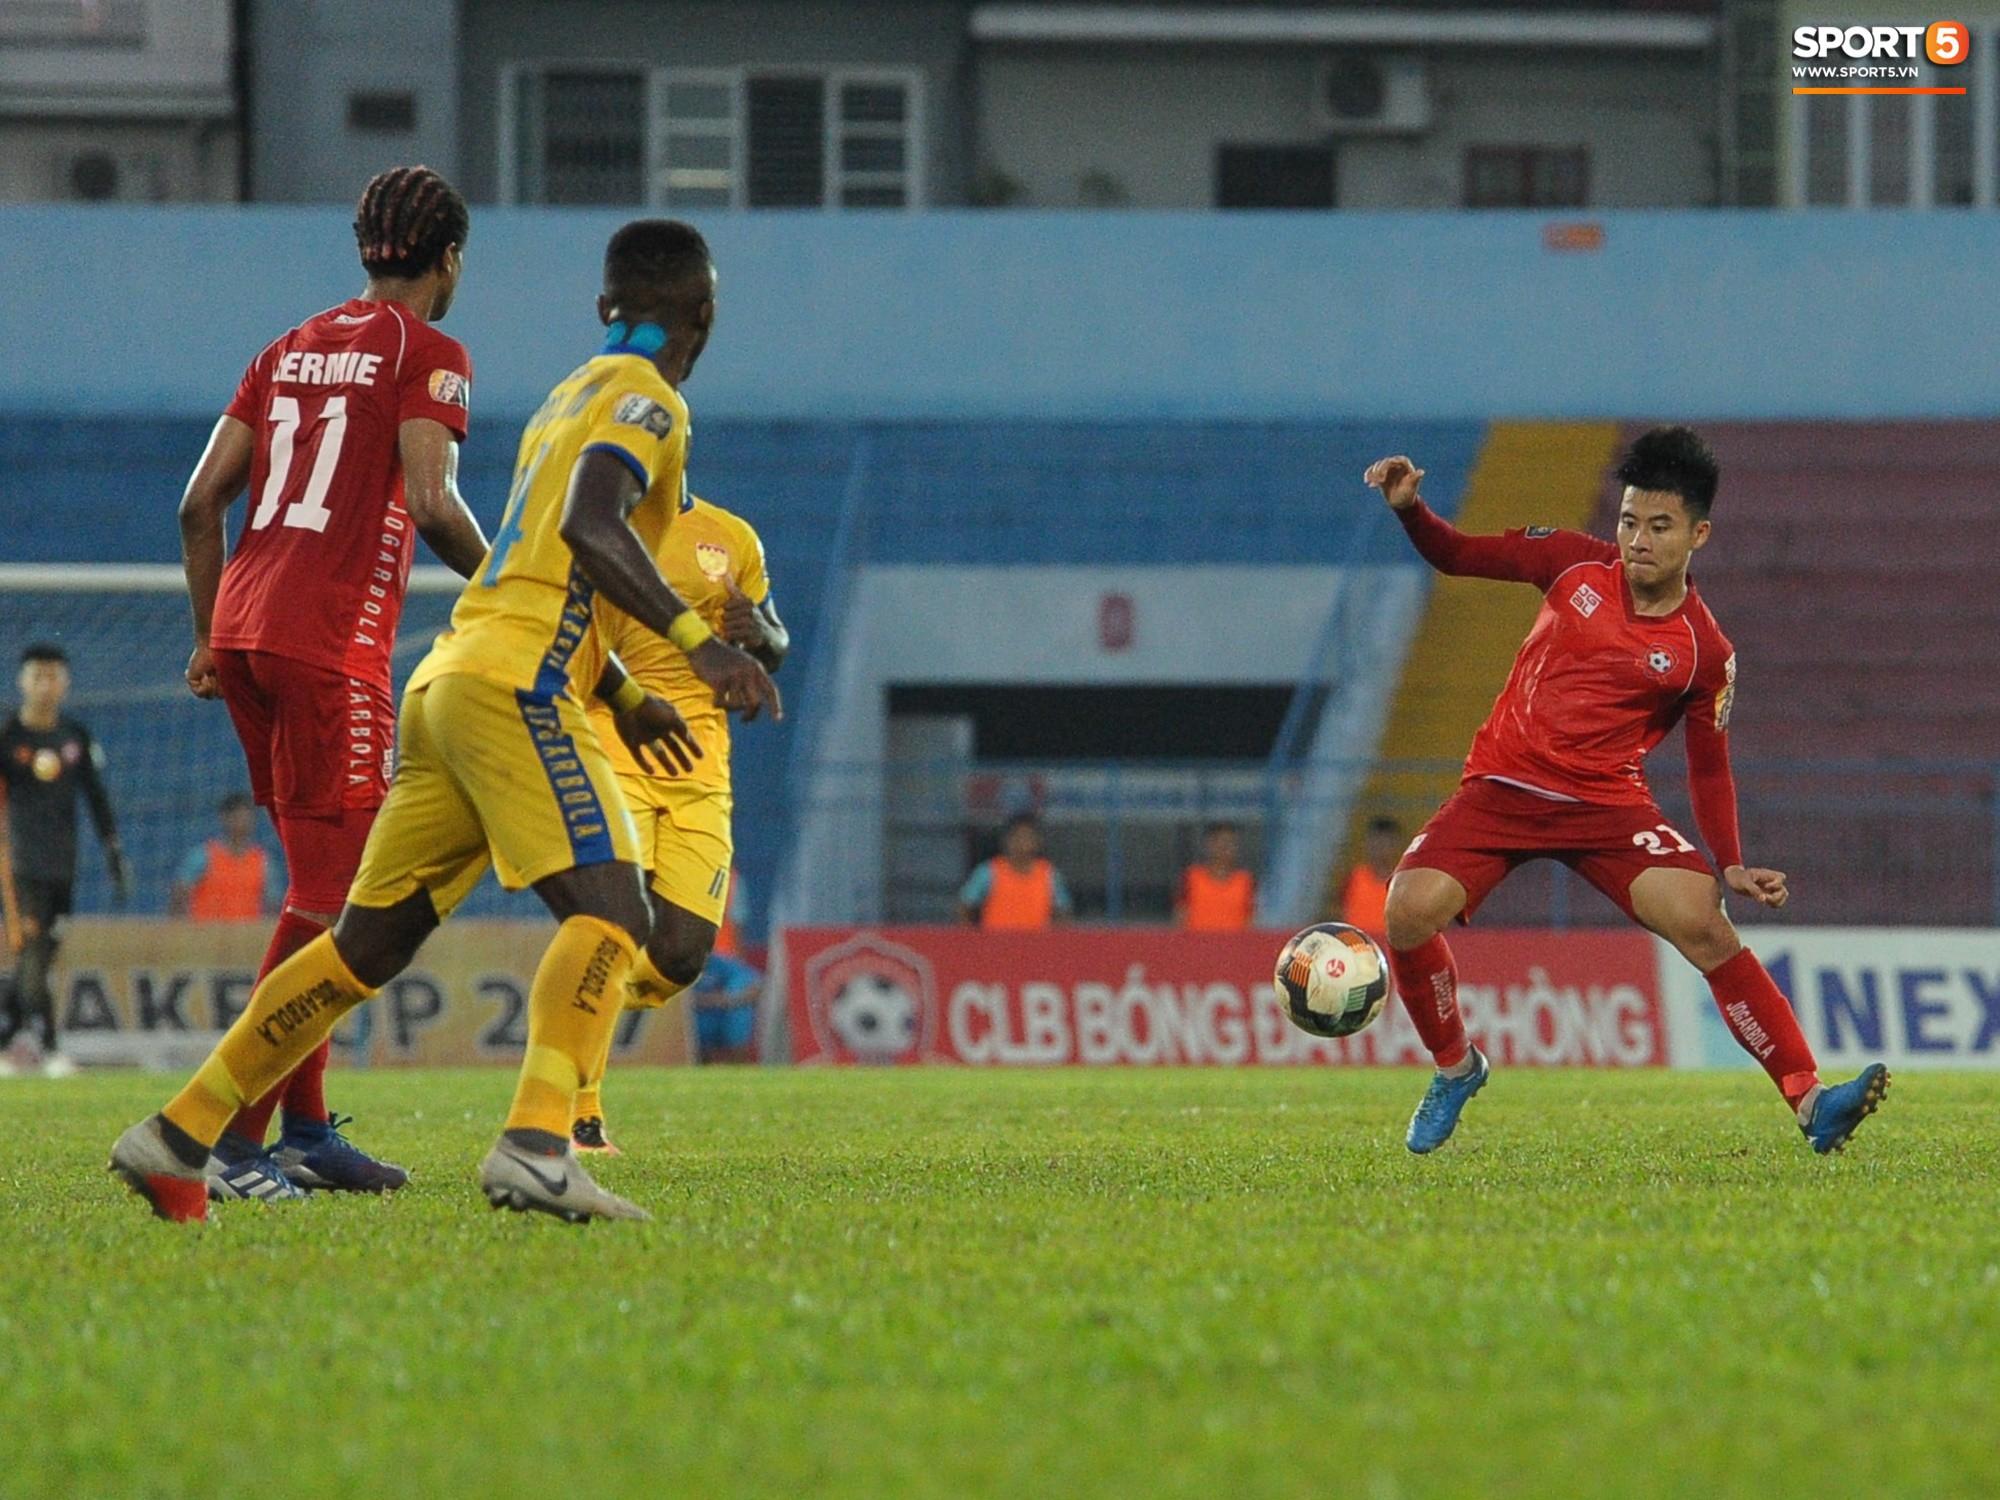 Hành động đẹp của cầu thủ Hải Phòng trong trận cầu nảy lửa với Thanh Hoá - Ảnh 1.